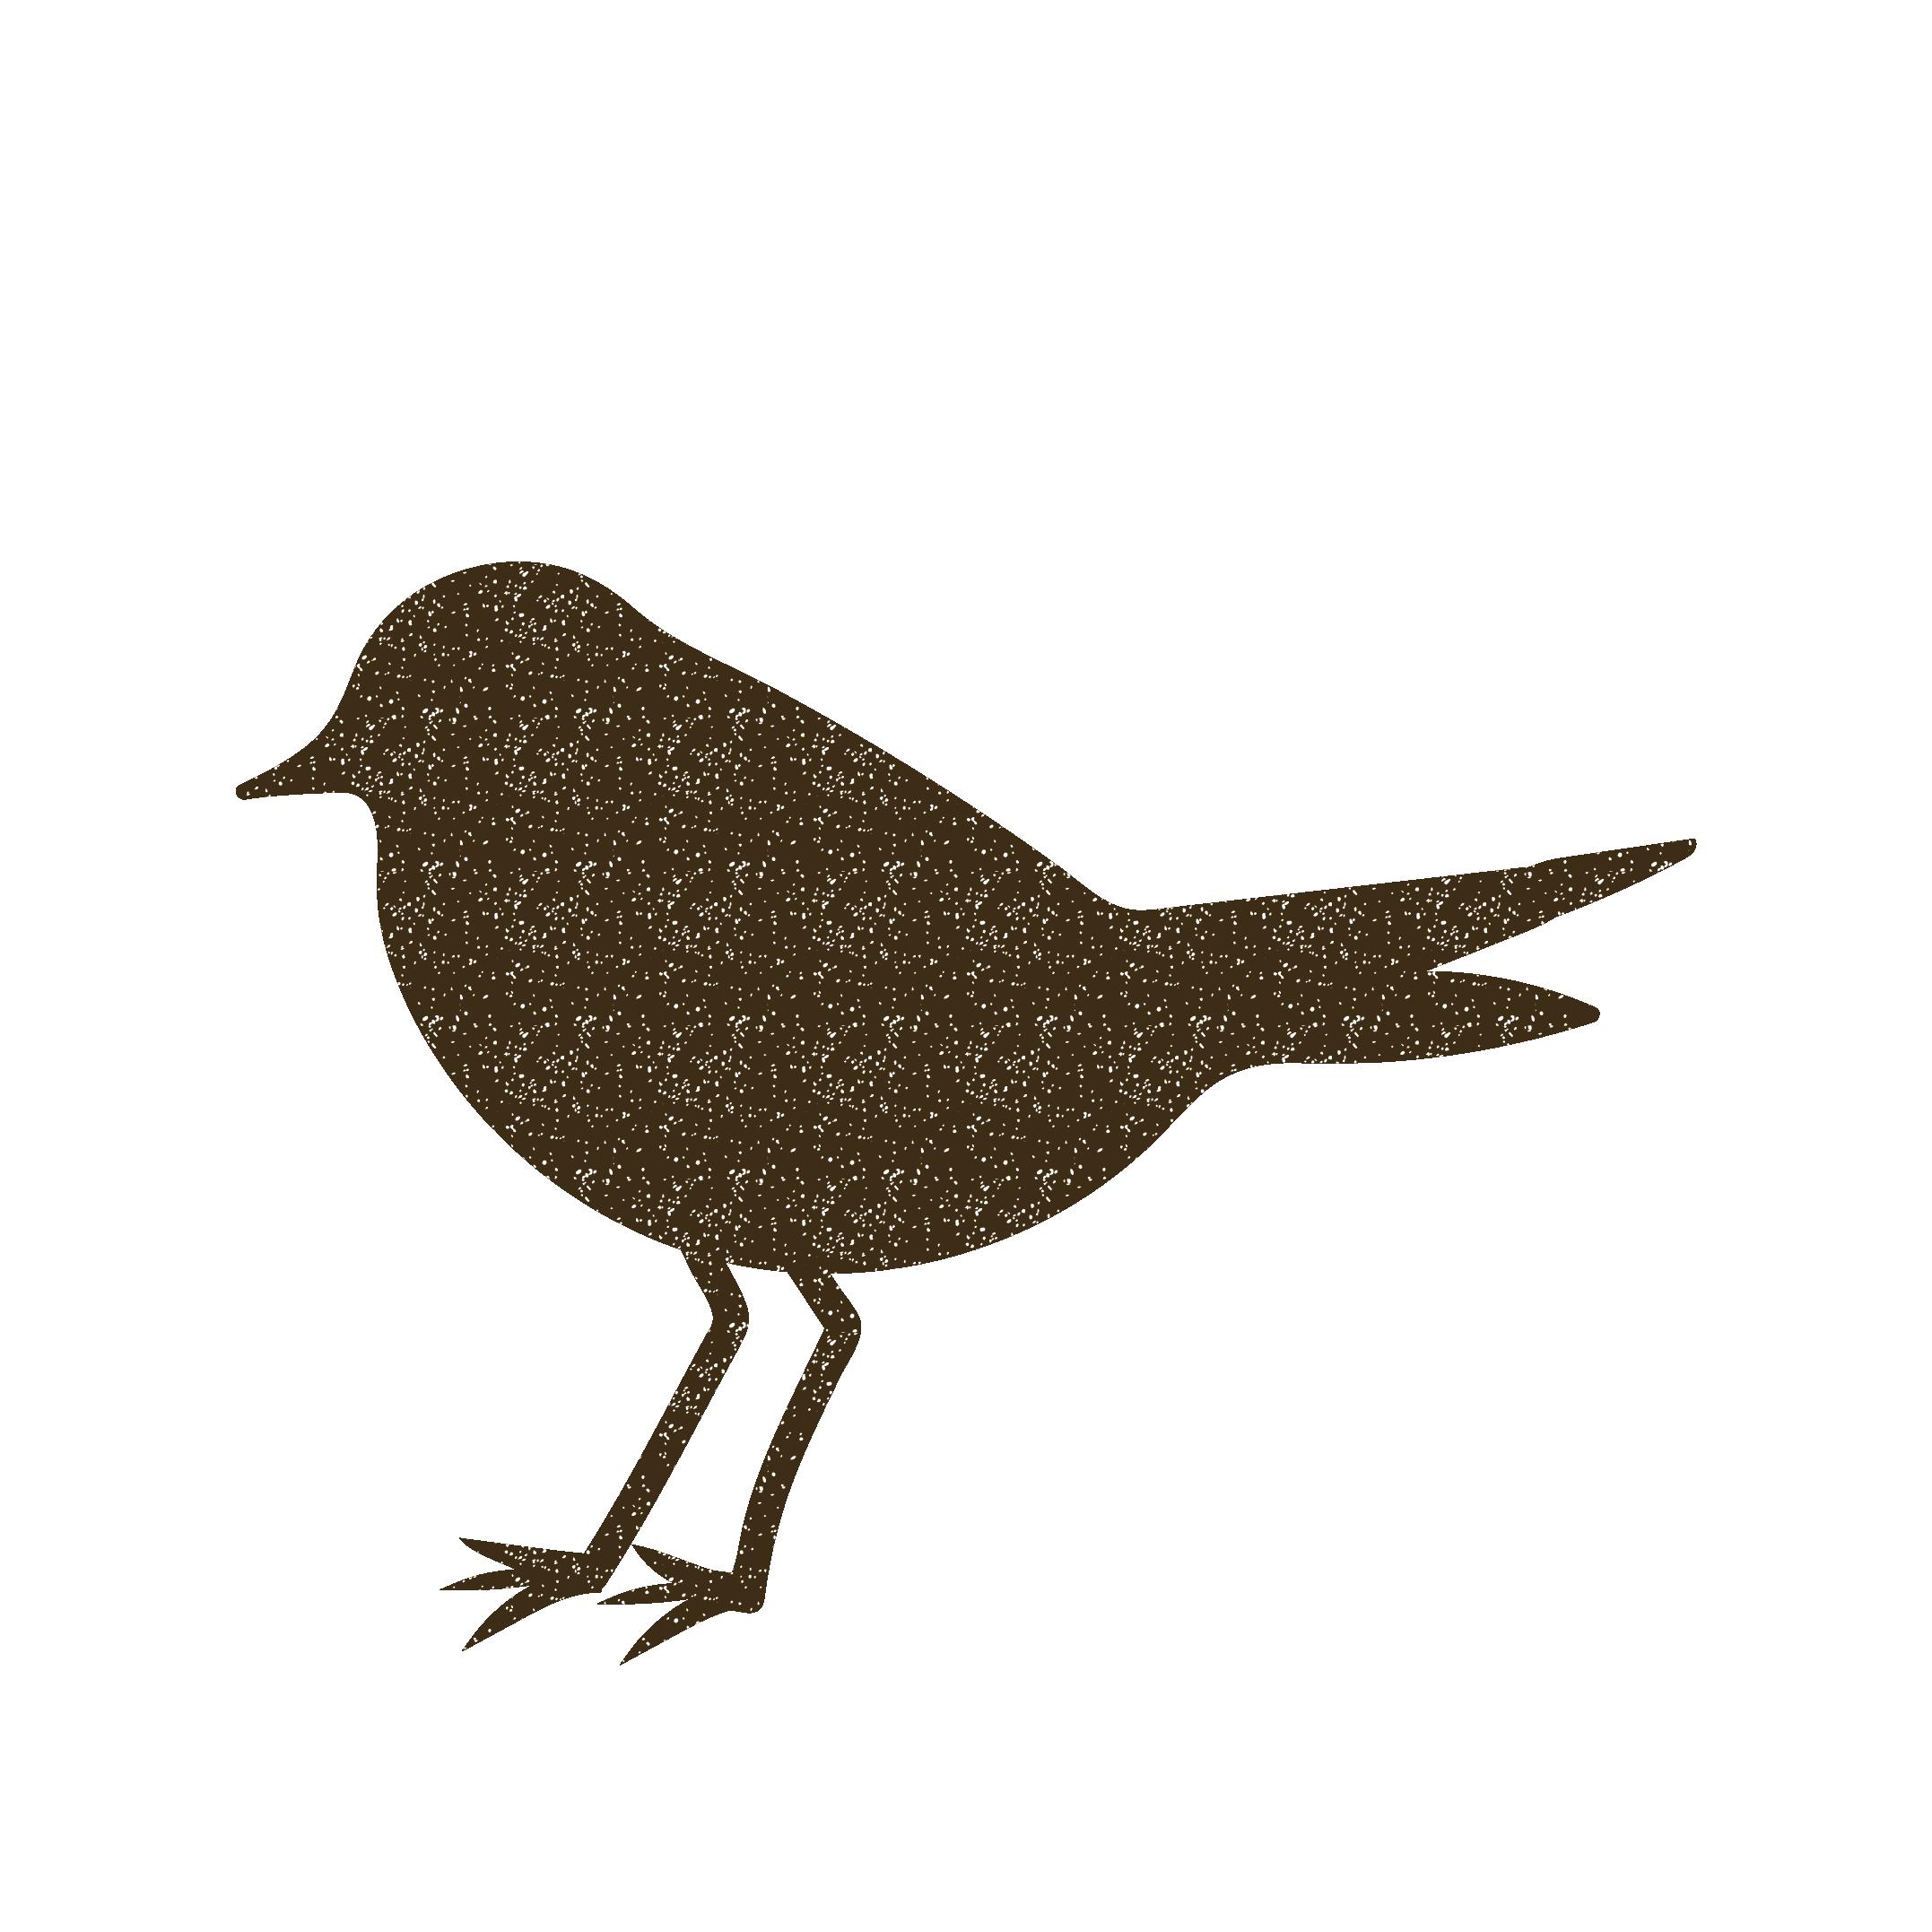 シンプルな鳥のスタンプ イラスト 商用フリー無料のイラスト素材なら